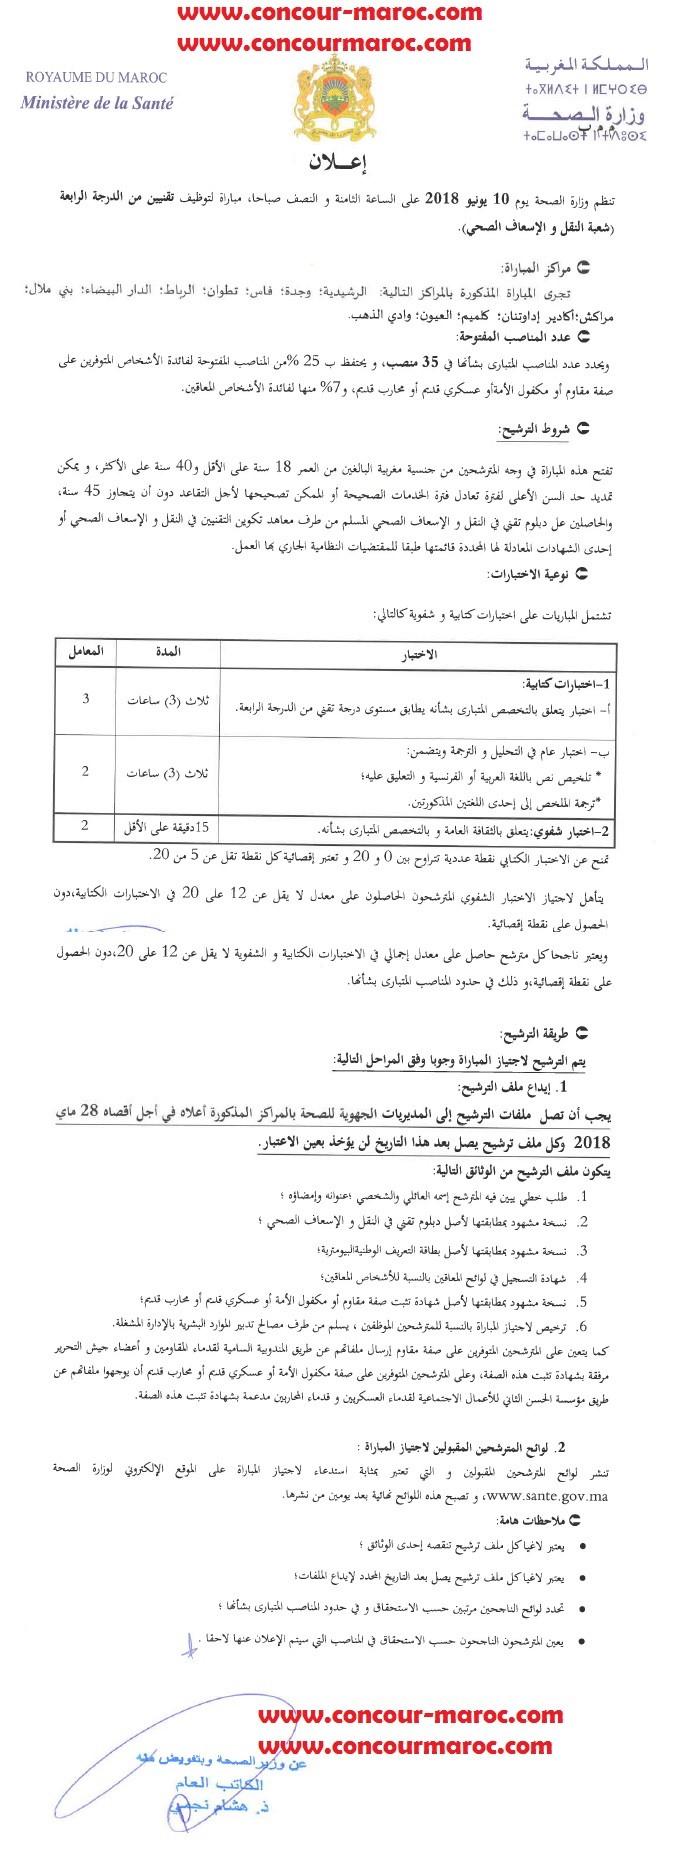 وزارة الصحة : مباراة لتوظيف 35 تقني من الدرجة الرابعة تخصص النقل و الاسعاف الصحي آخر أجل 28 ماي 2018  Minist29